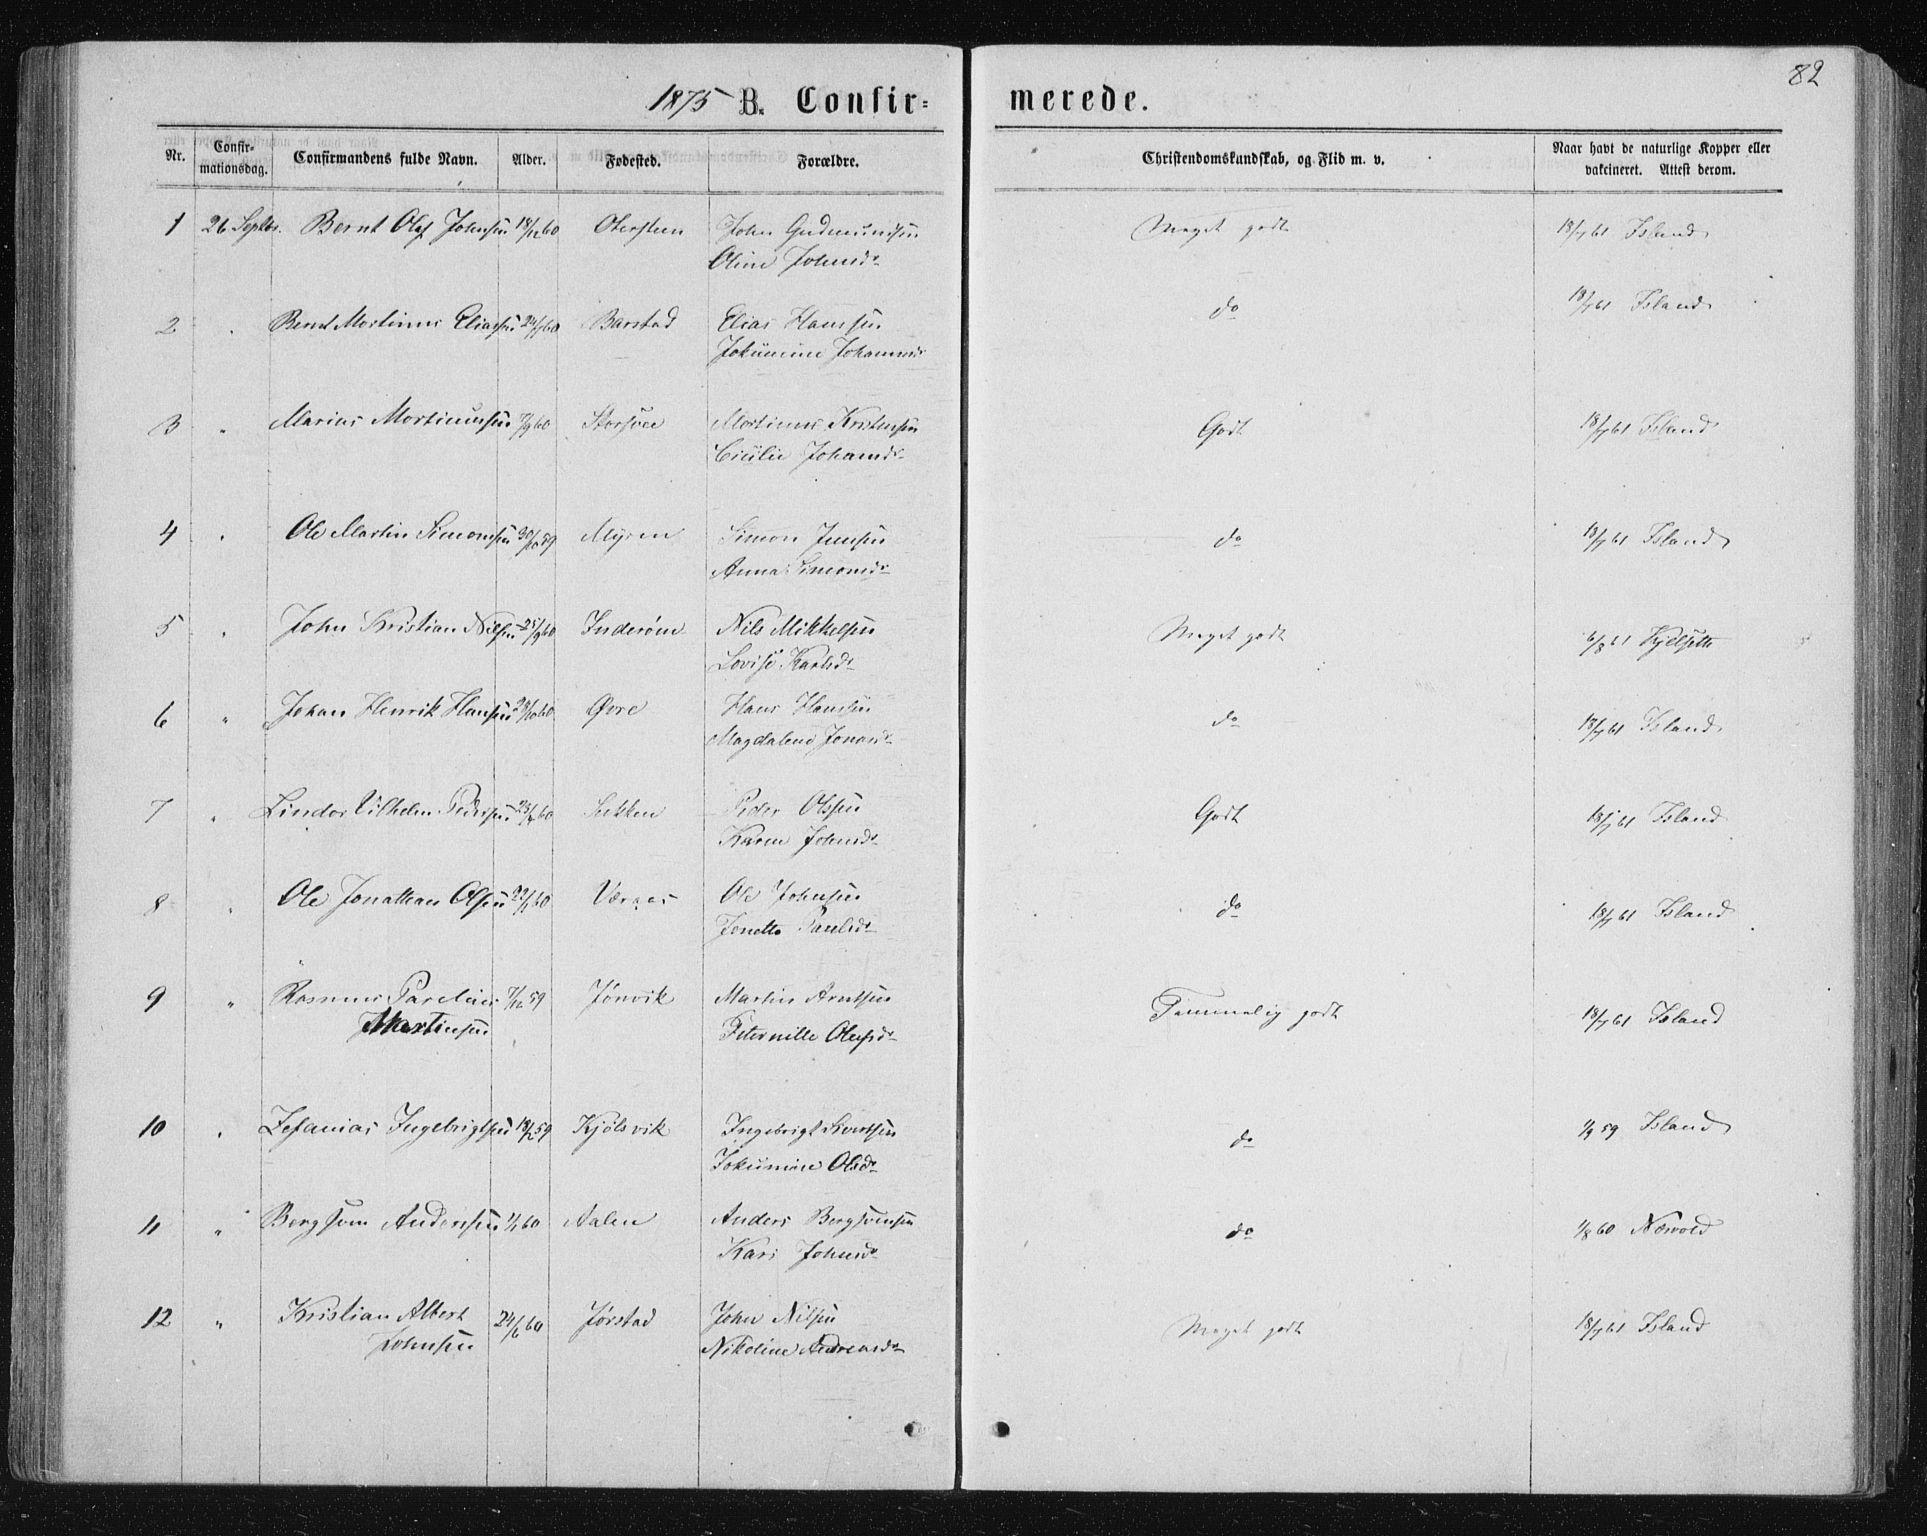 SAT, Ministerialprotokoller, klokkerbøker og fødselsregistre - Nord-Trøndelag, 722/L0219: Ministerialbok nr. 722A06, 1868-1880, s. 82